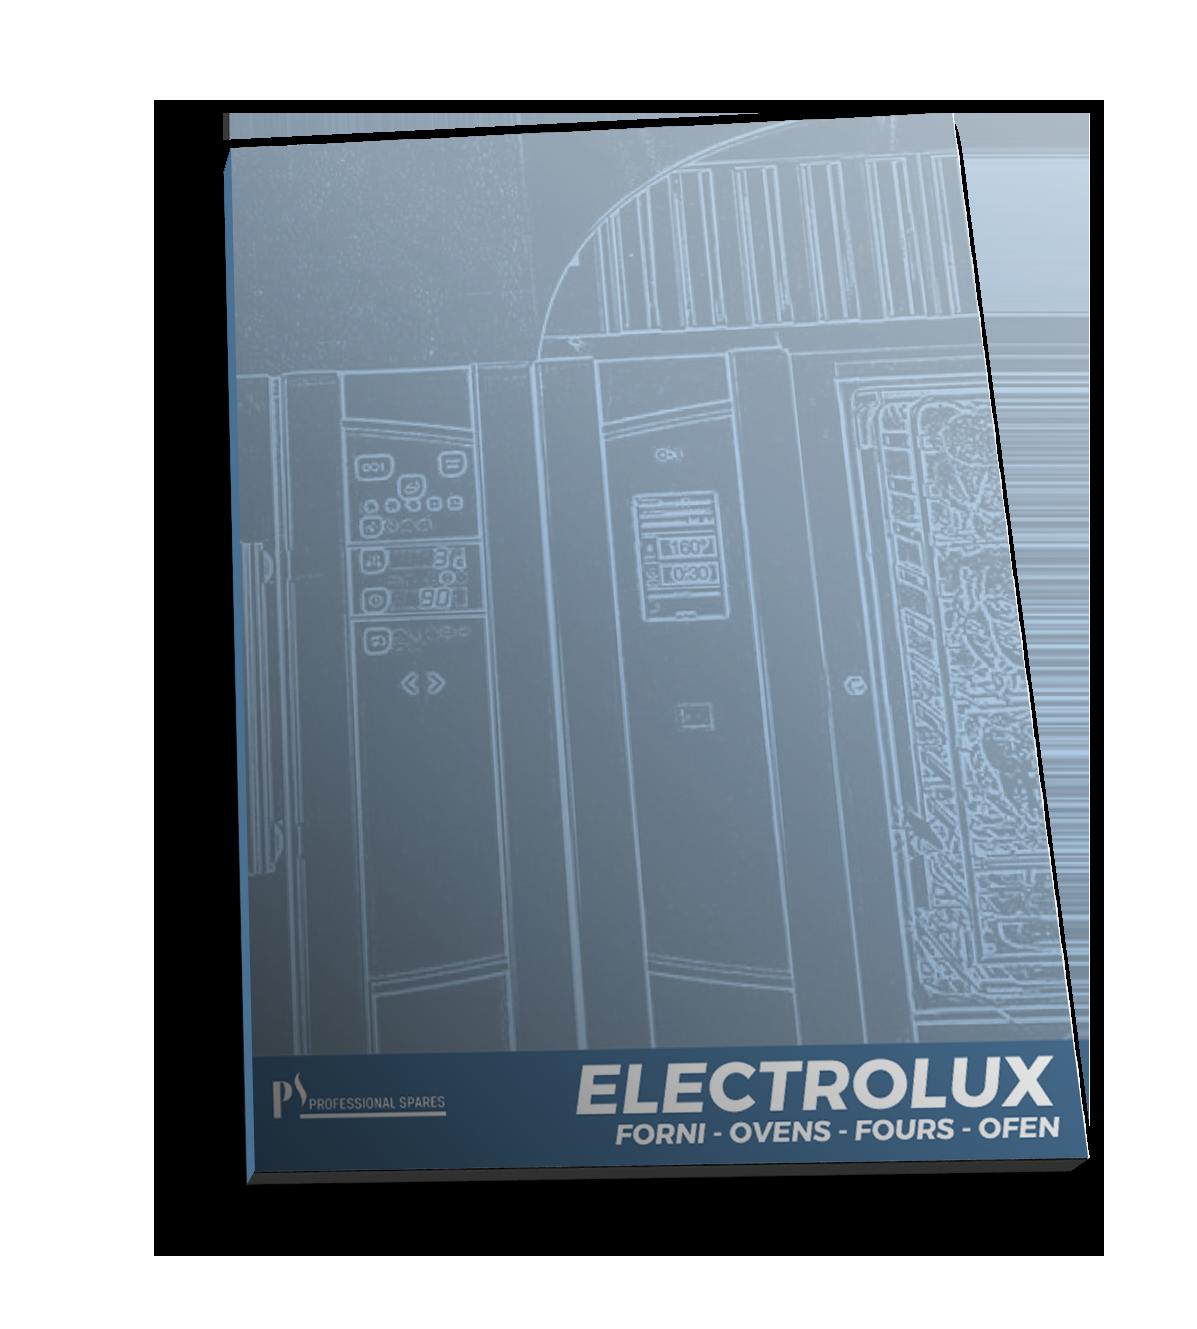 ELECTROLUX_FORNI-catalogo